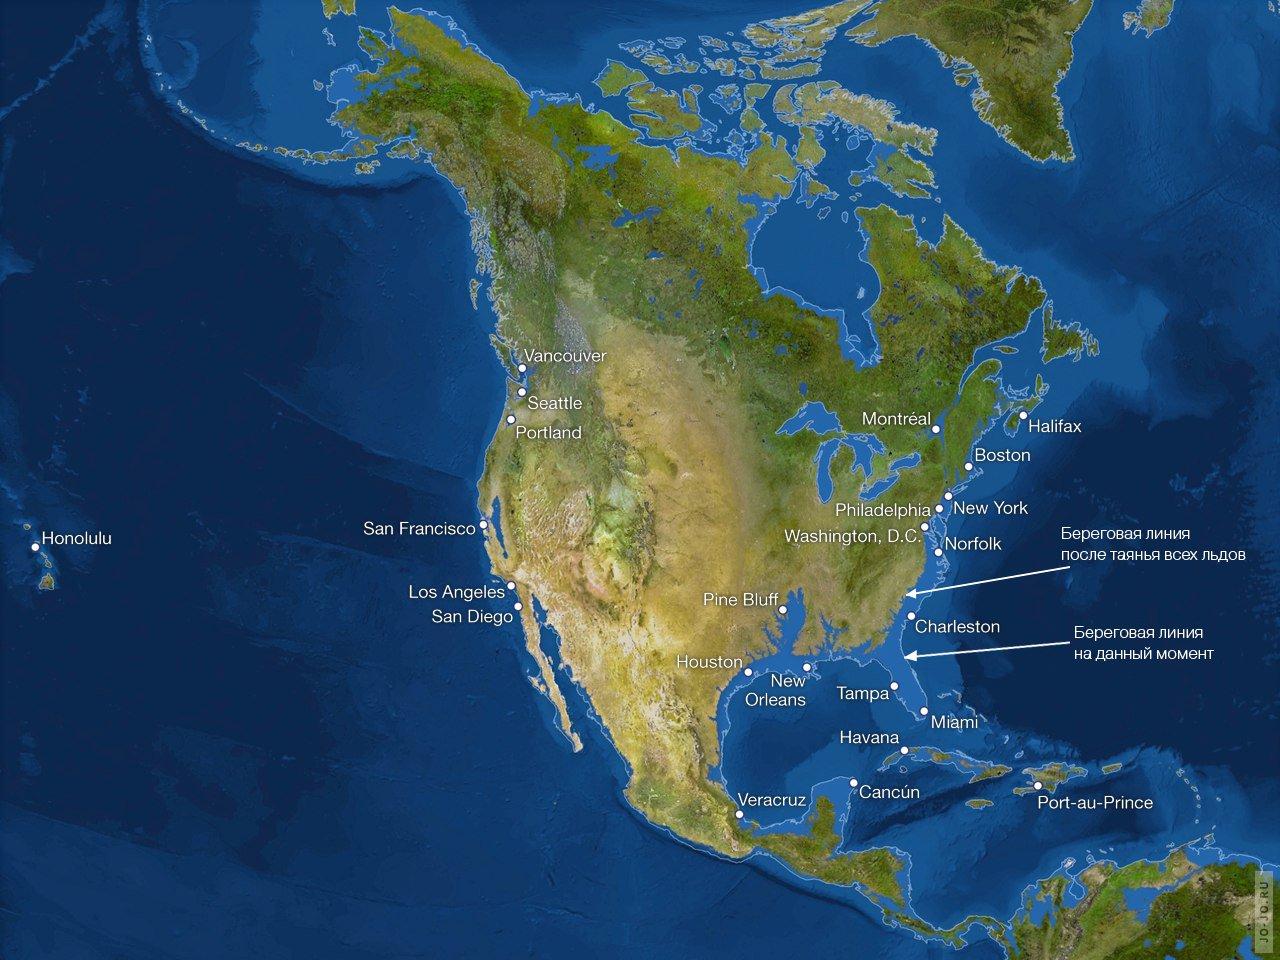 Кошмарные последствия таяния льдов: новая карта Земли